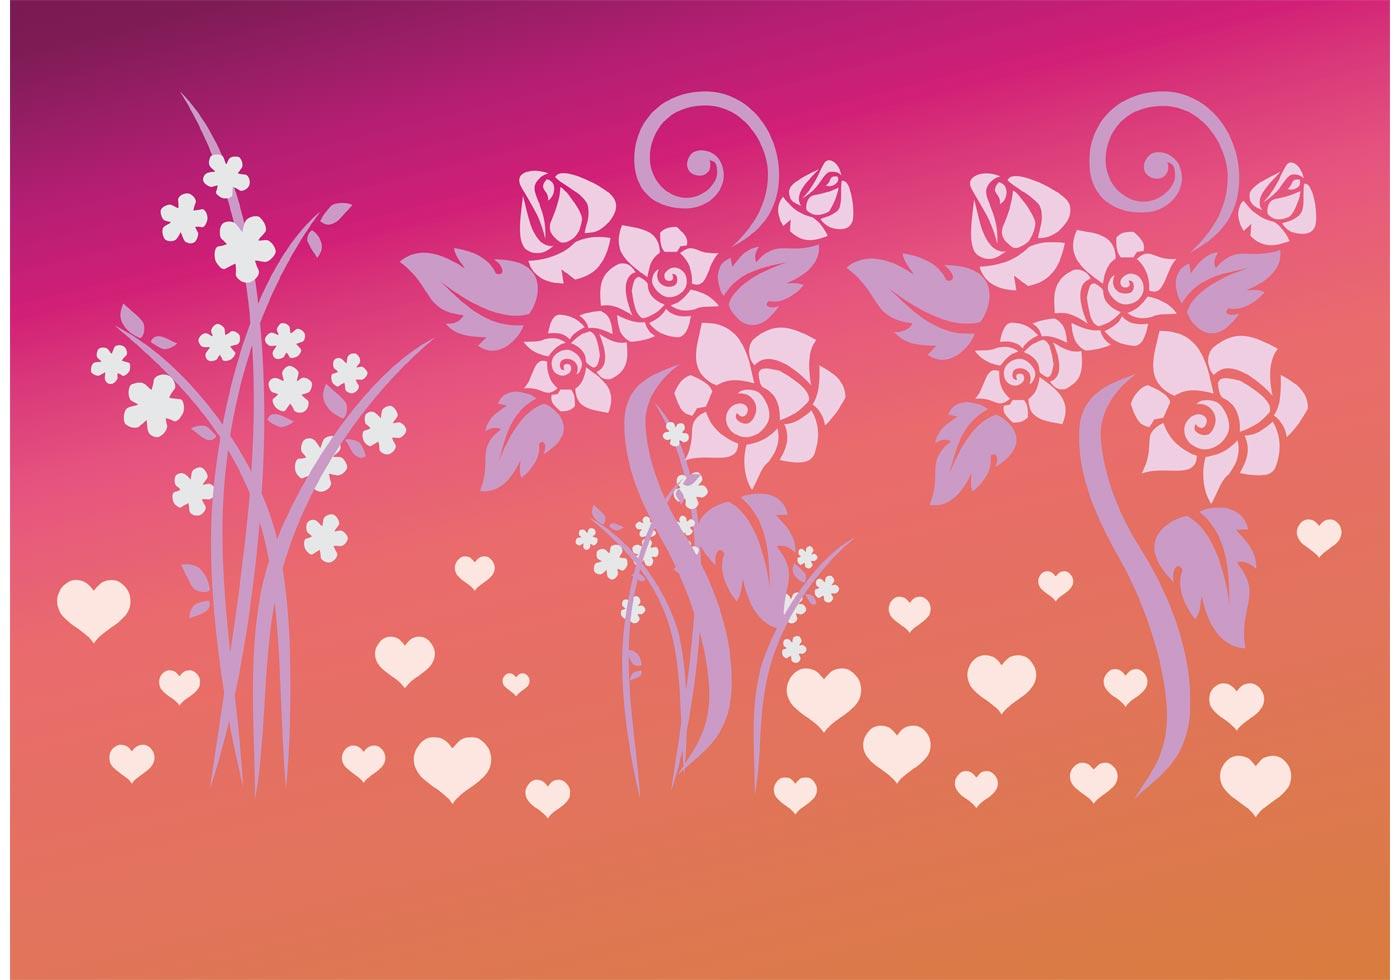 Love Flowers Vectors Download Free Vector Art Stock